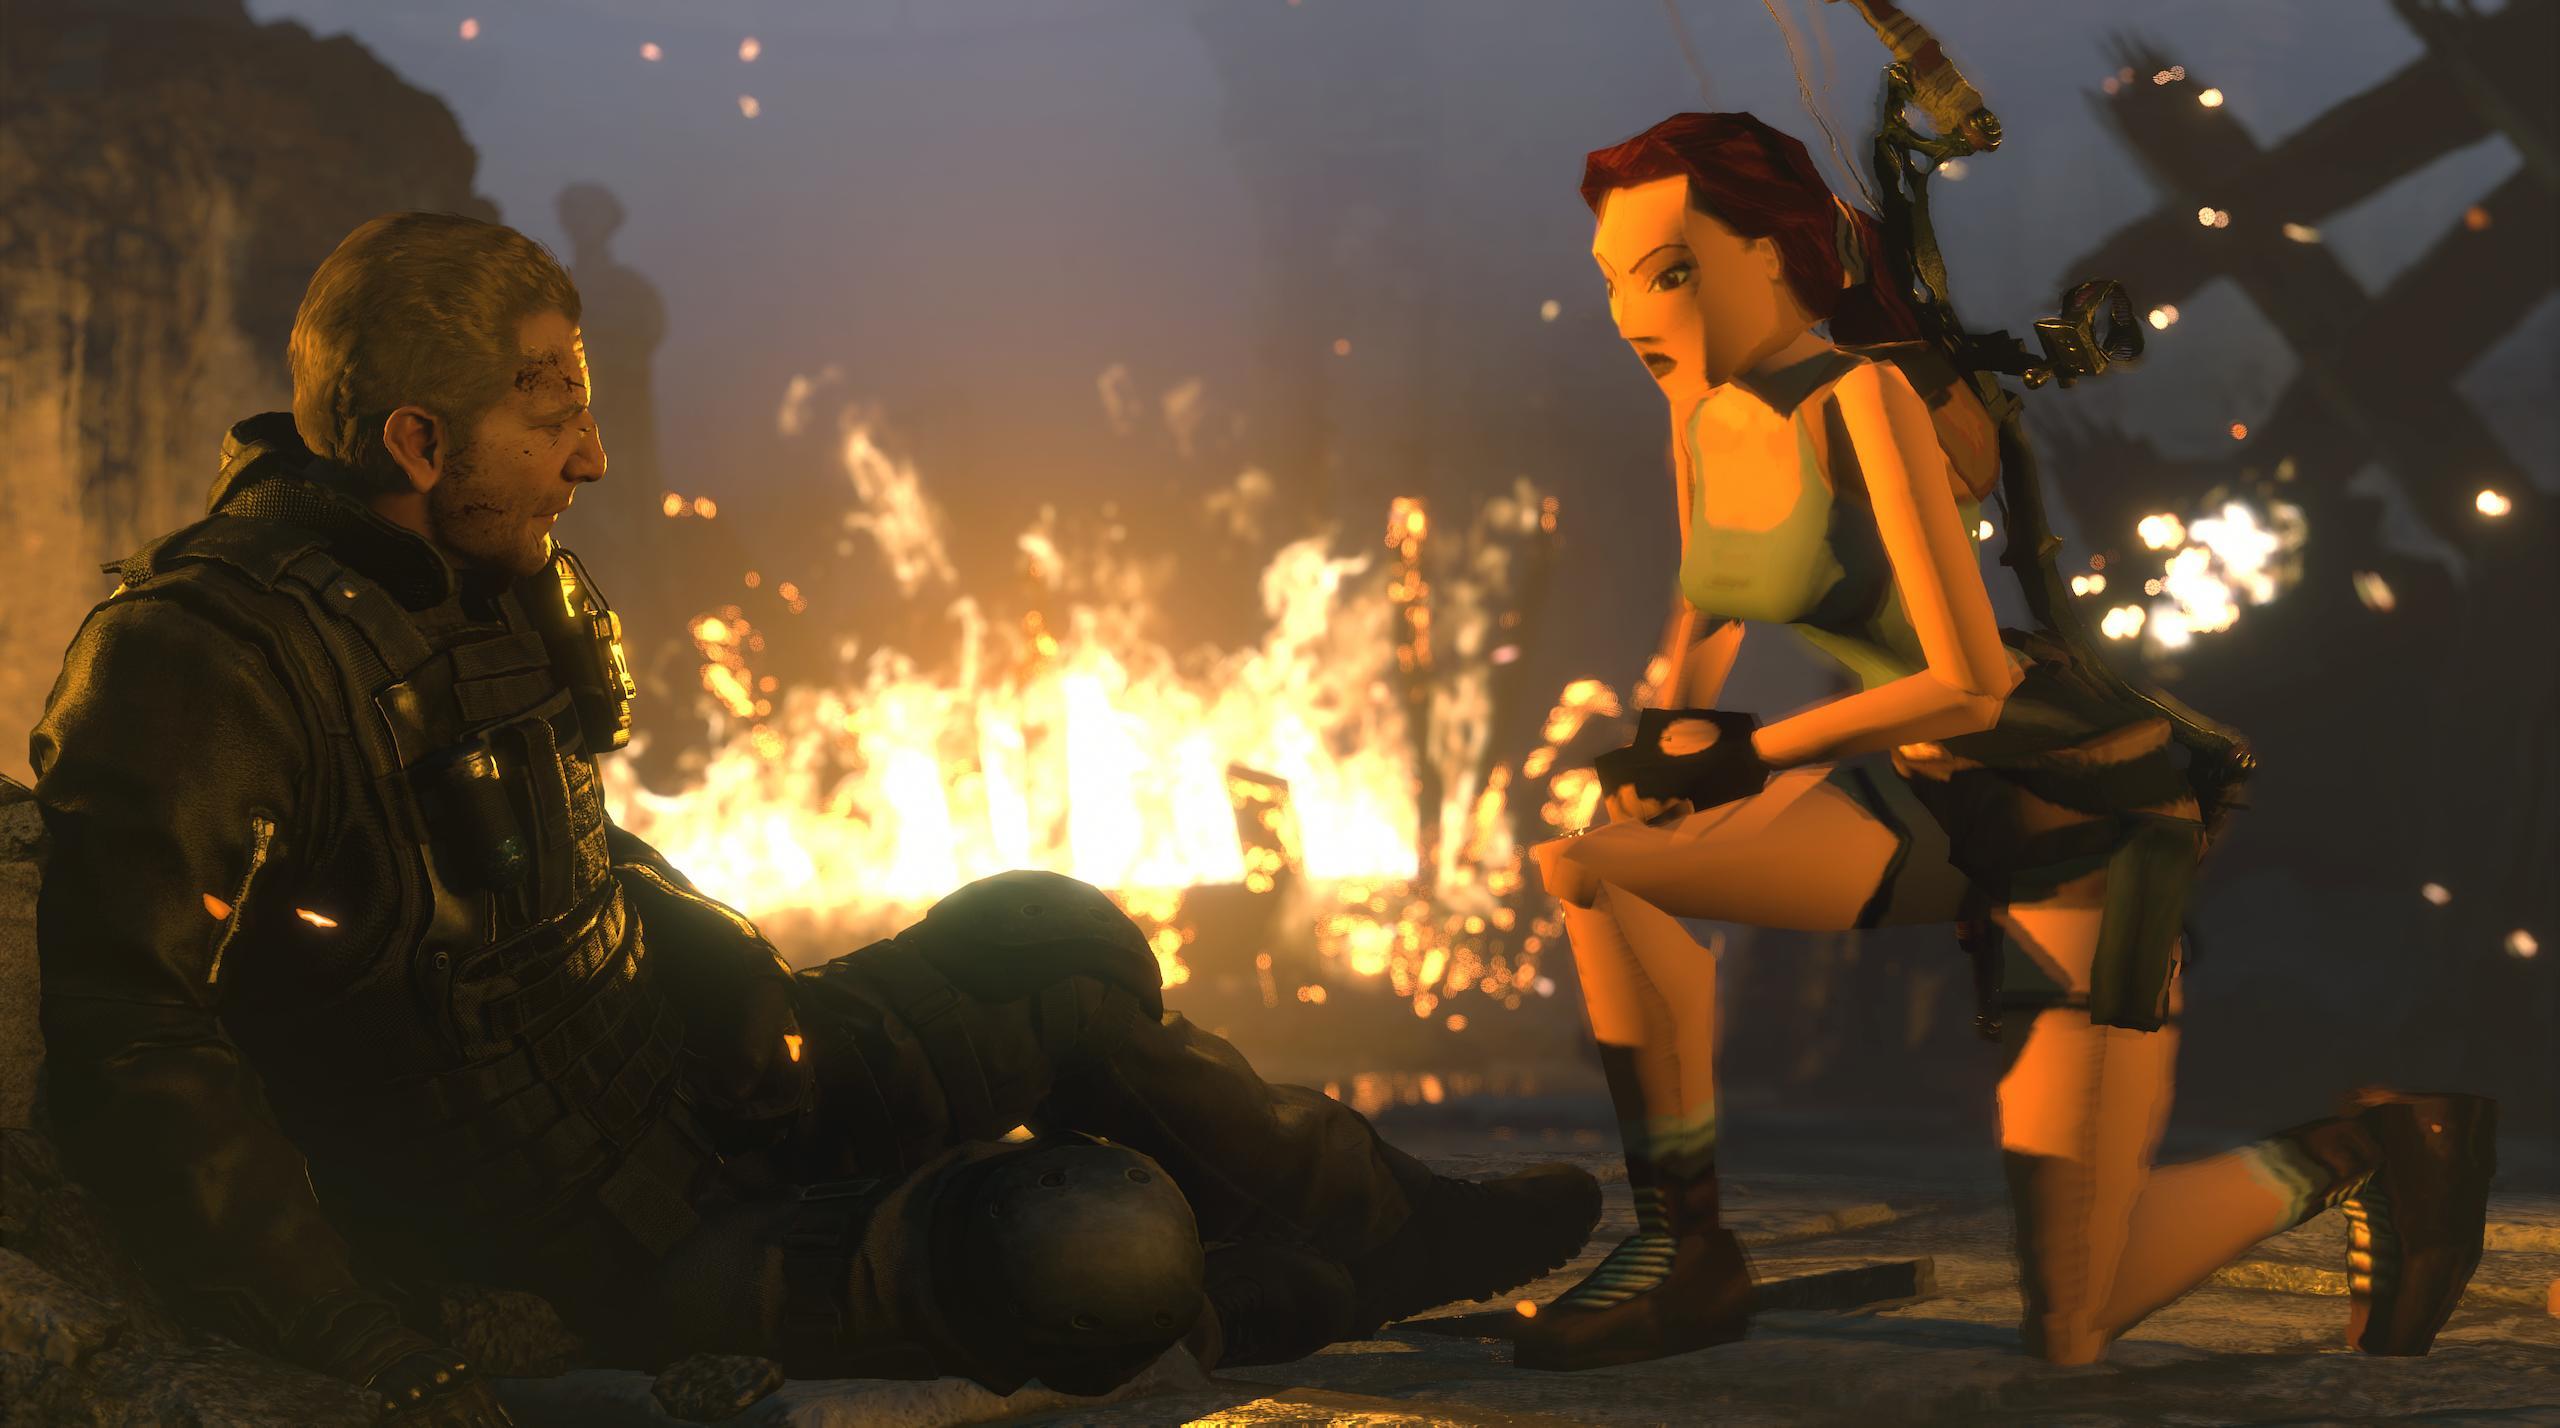 Několik nových obrázků z připravovaných DLC pro Rise of the Tomb Raider 128708